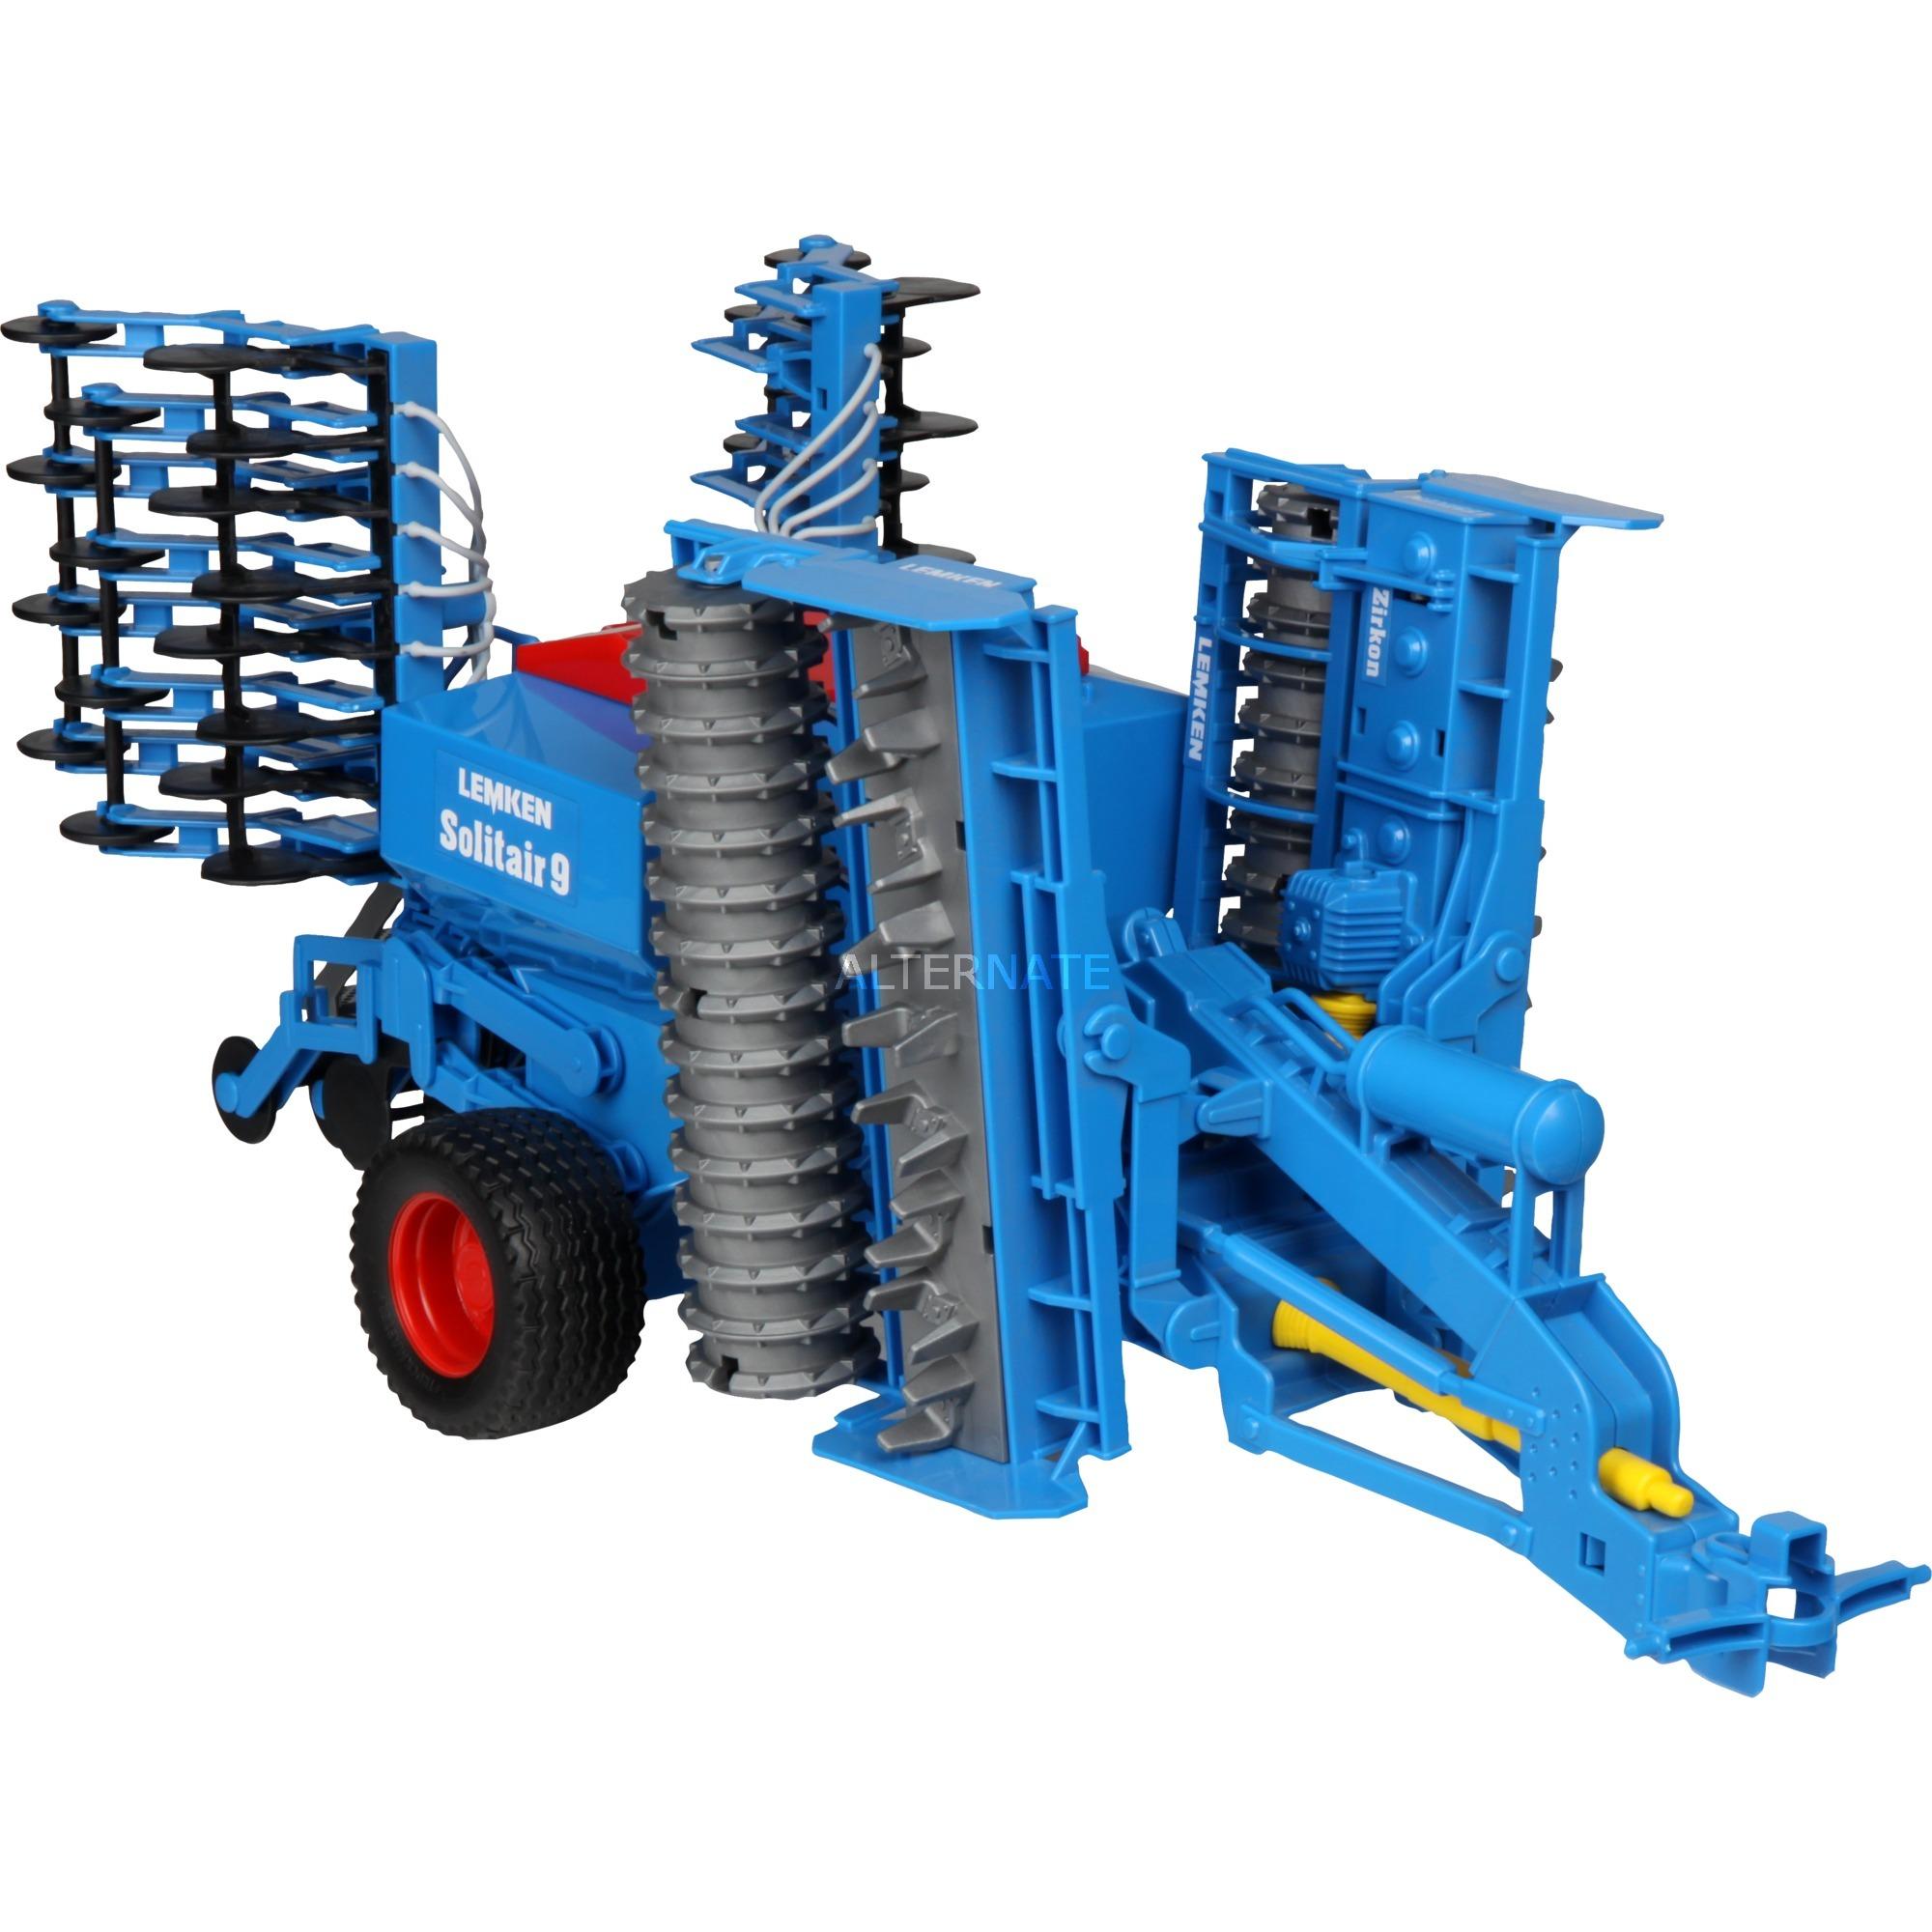 02026 vehículo de juguete De plástico, Automóvil de construcción